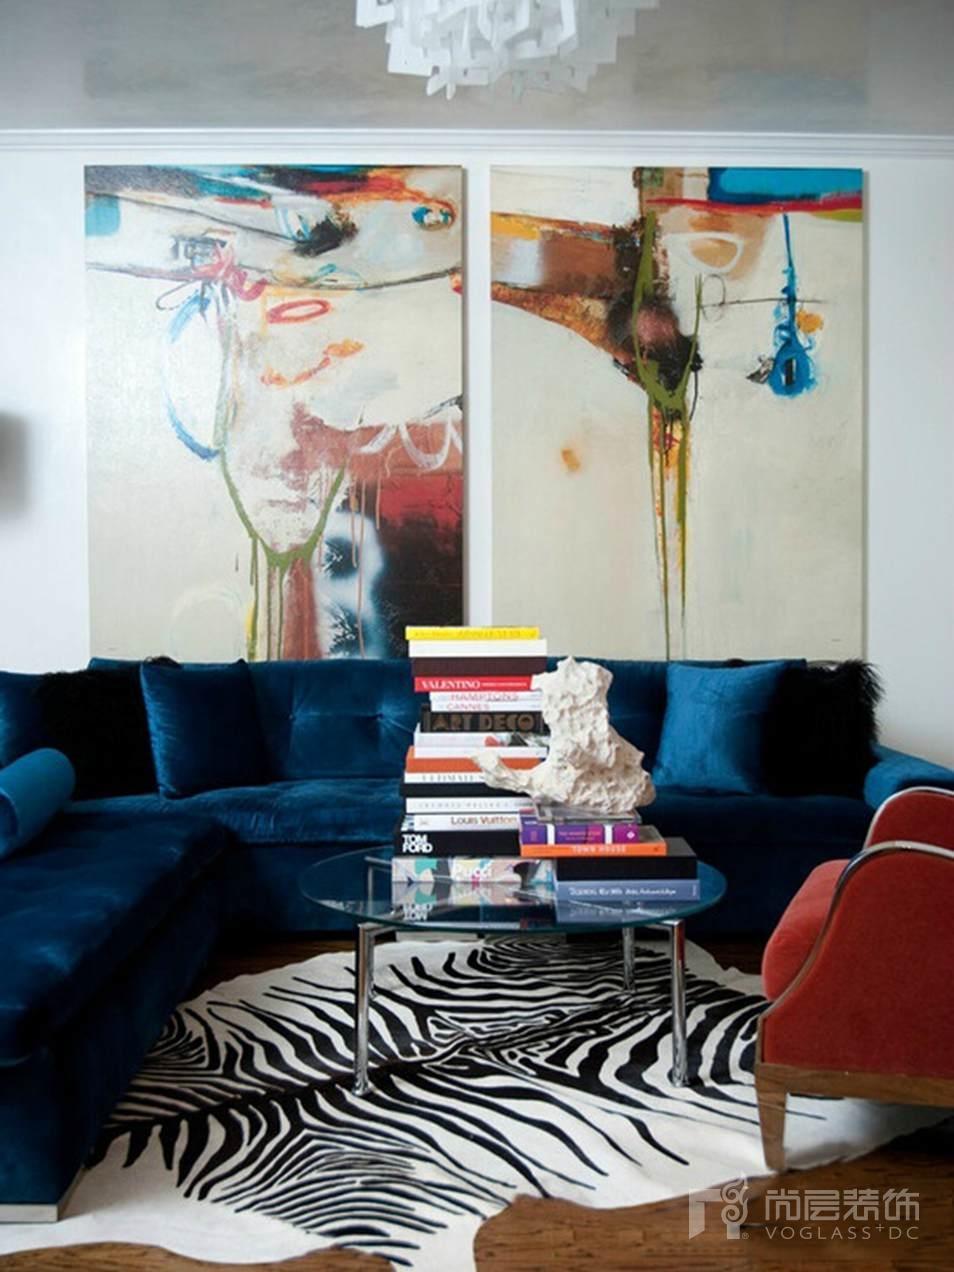 尚层别墅软装配饰红+蓝色设计,让空间充满活力